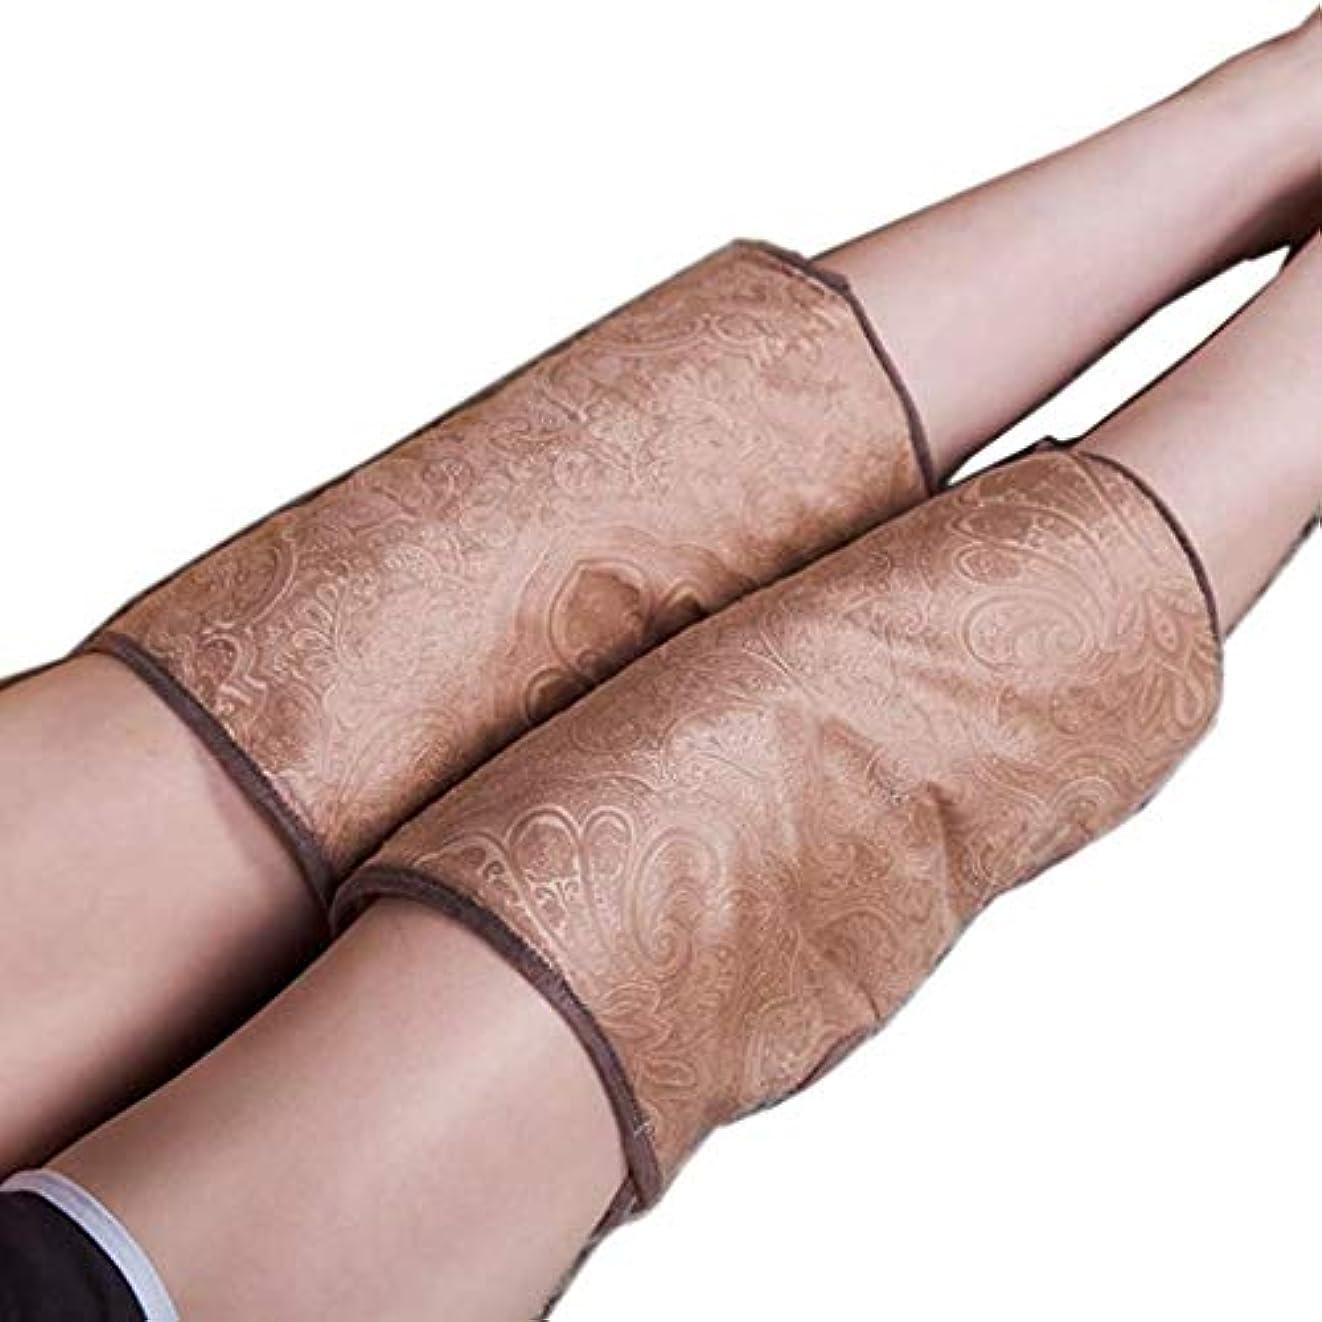 頬航空会社正確に電動膝パッド、温かい古い膝、鍼治療のツボ、温湿布、体温調節、痛みの緩和、血液循環の促進